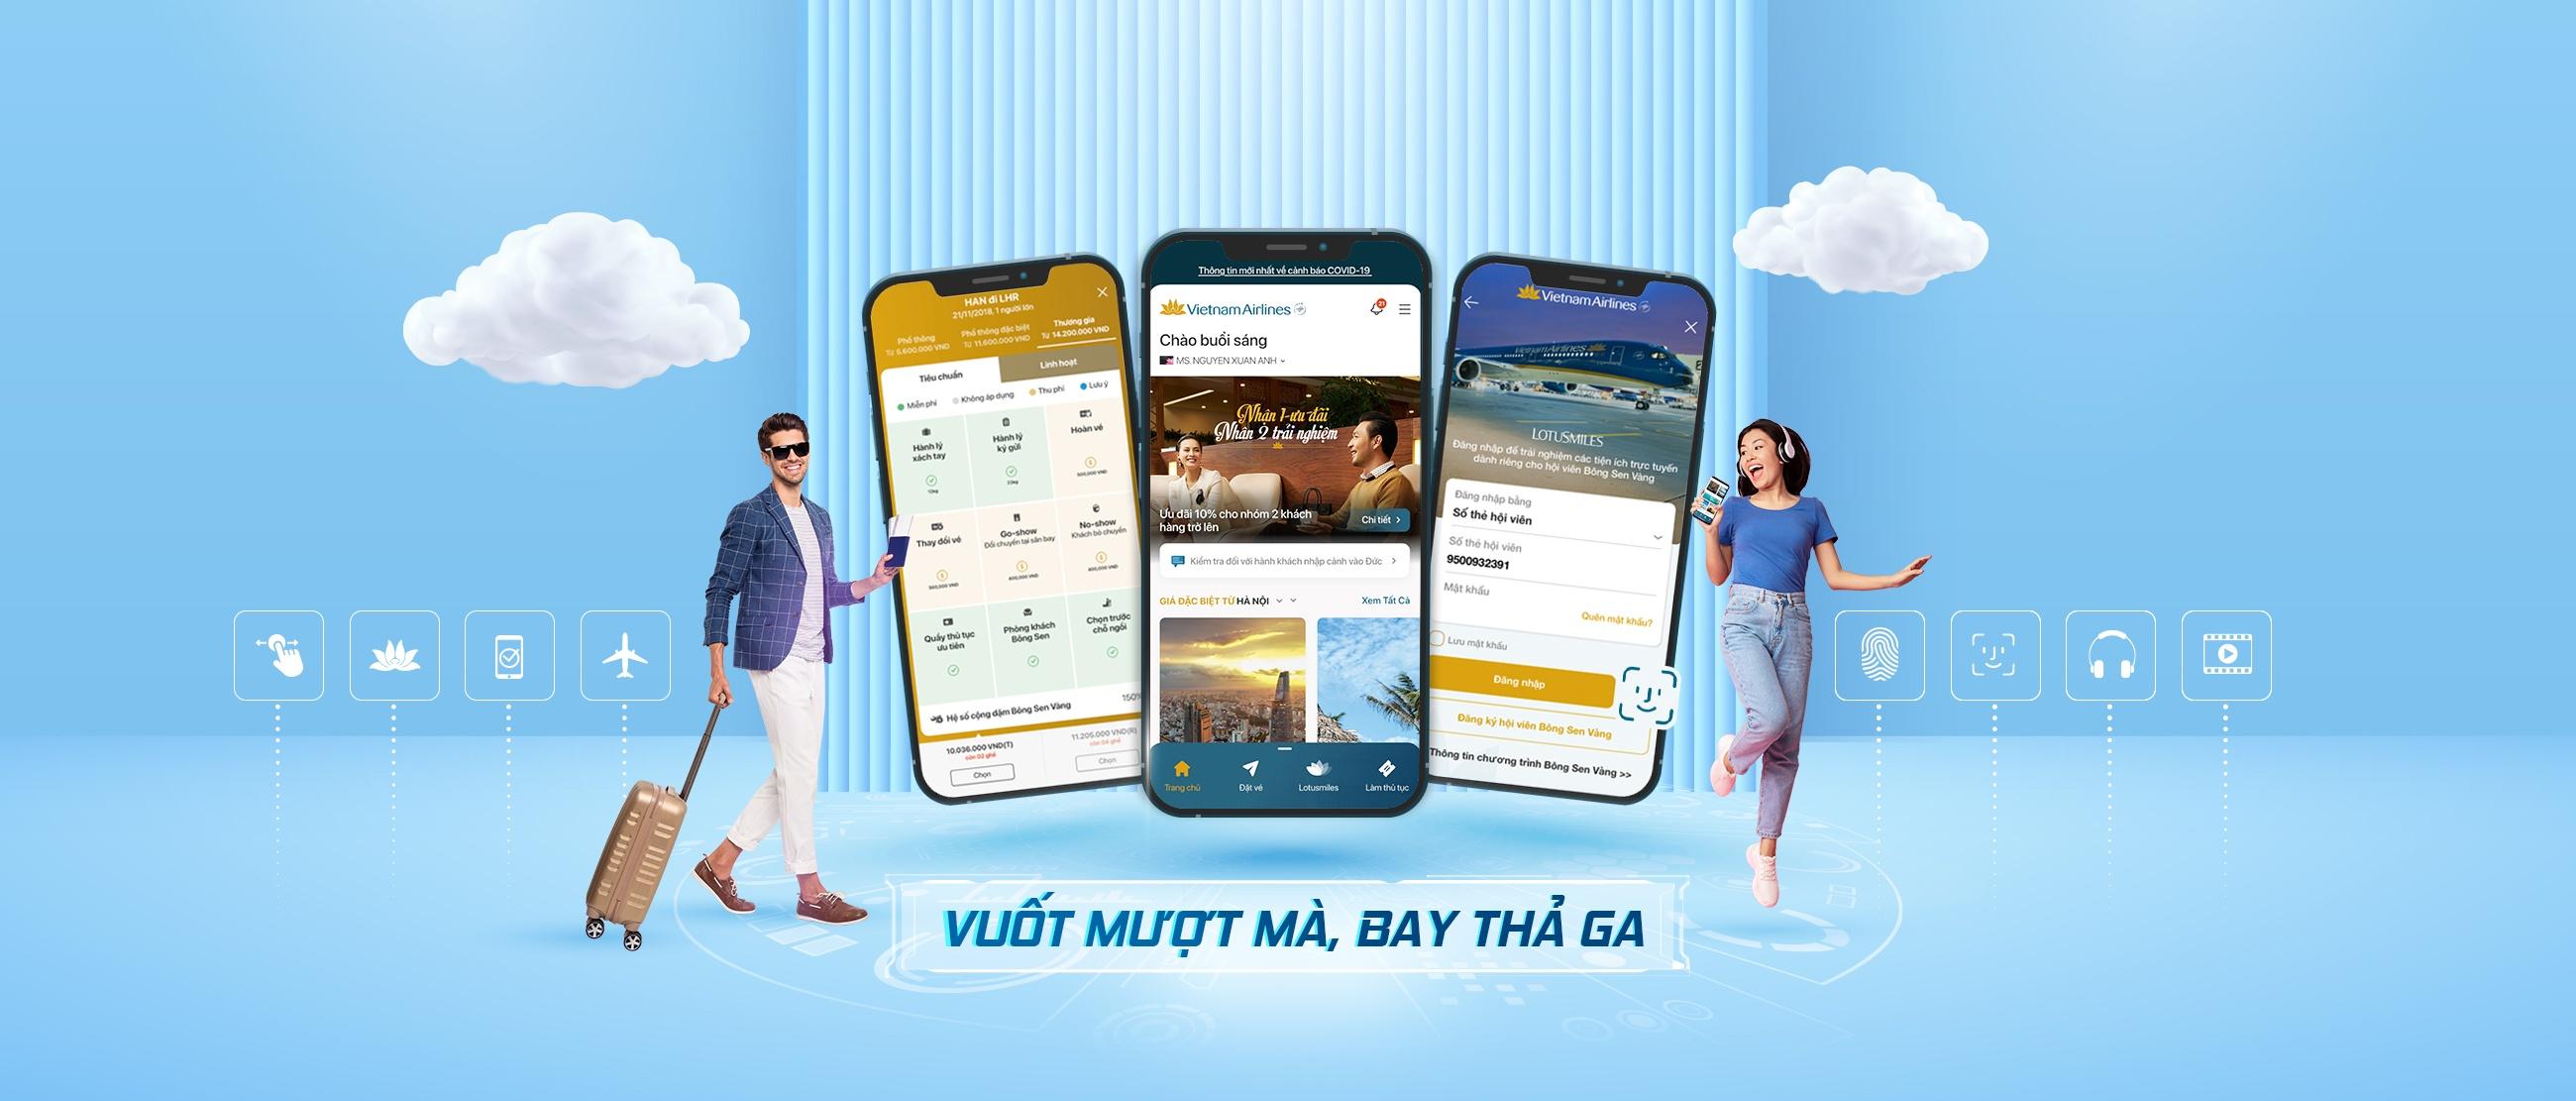 vietnam airlines day manh chuyen doi so tren ung dung di dong